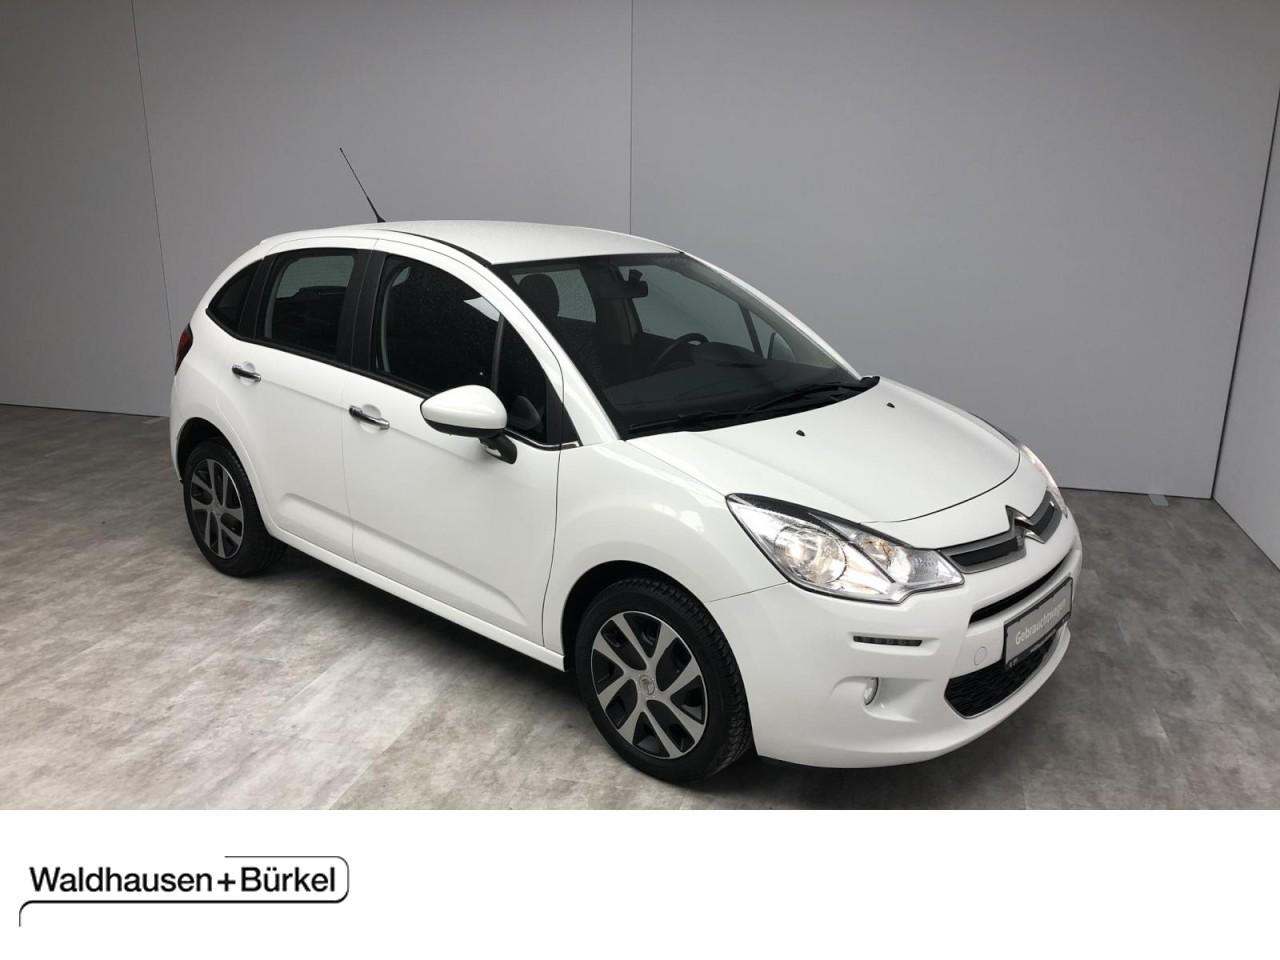 Citroën C3 1.0 VTi PureTech Klima Einparkhilfe, Jahr 2016, Benzin